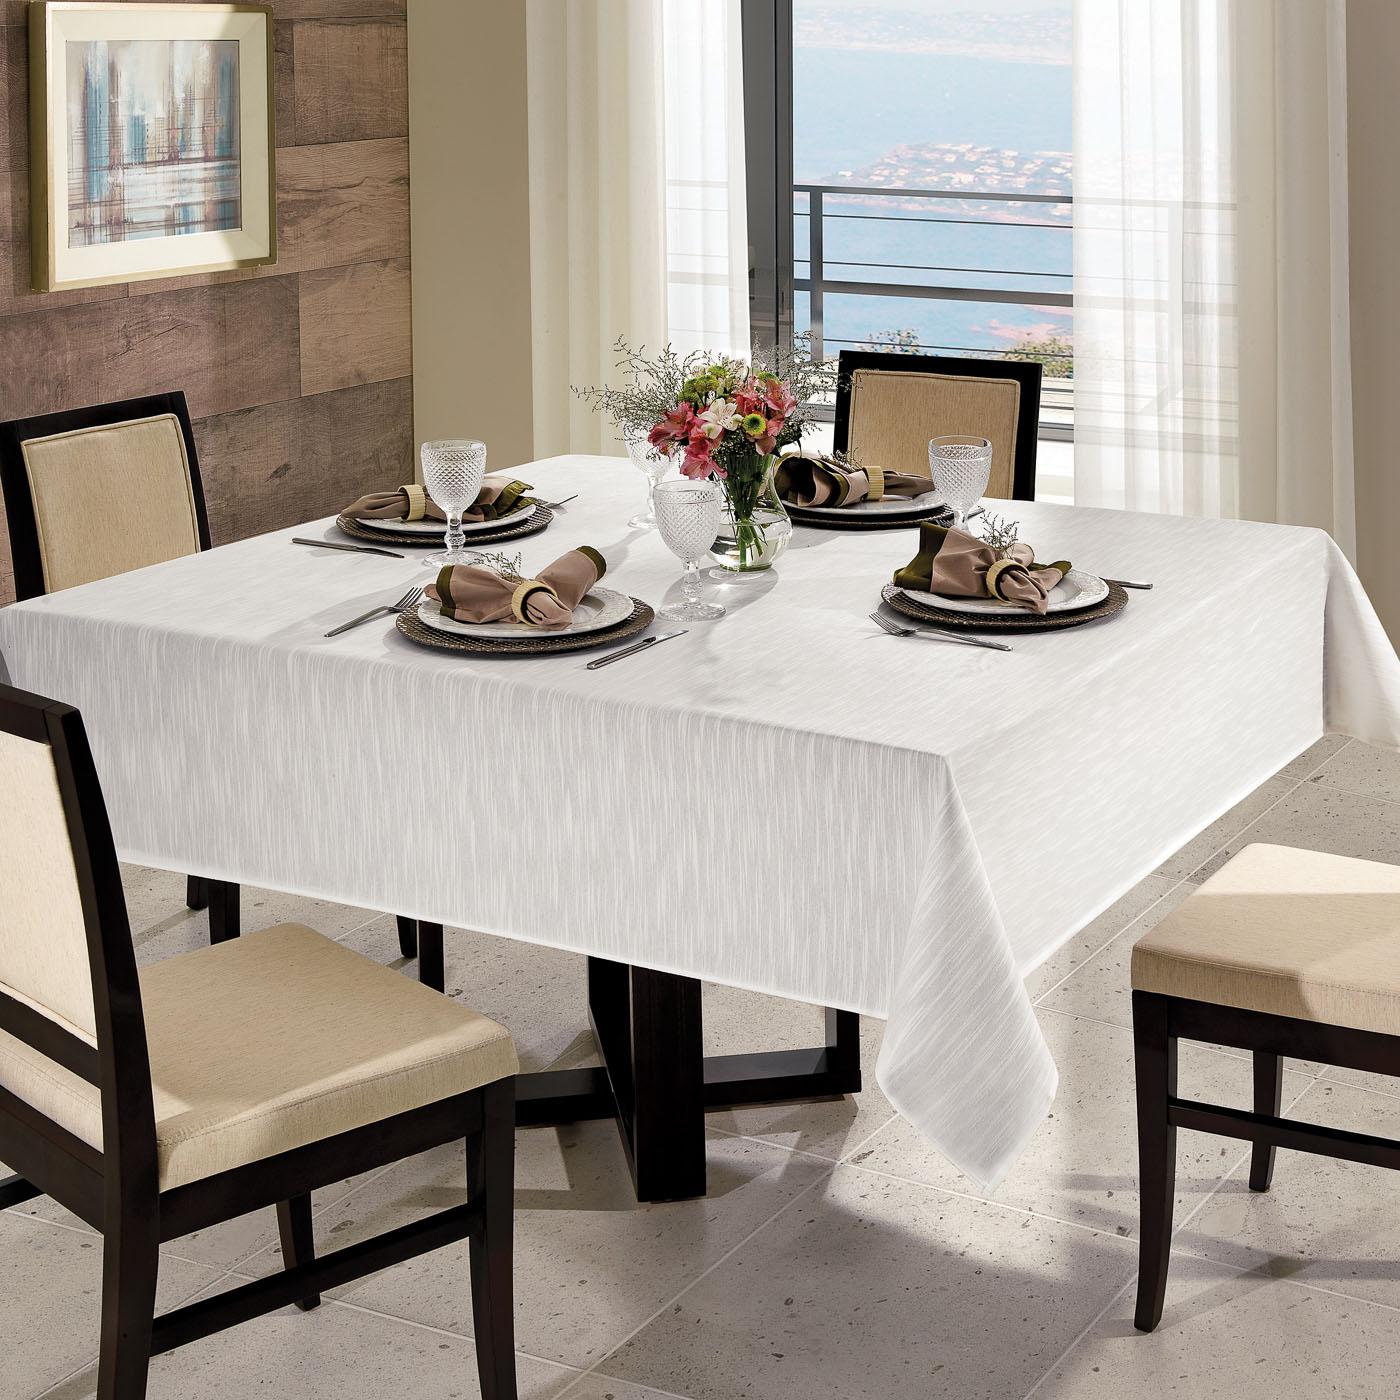 Toalha de Mesa Quadrada 4 Cadeiras Jacquard Requinte Dohler 1,60mx1,60m Branca